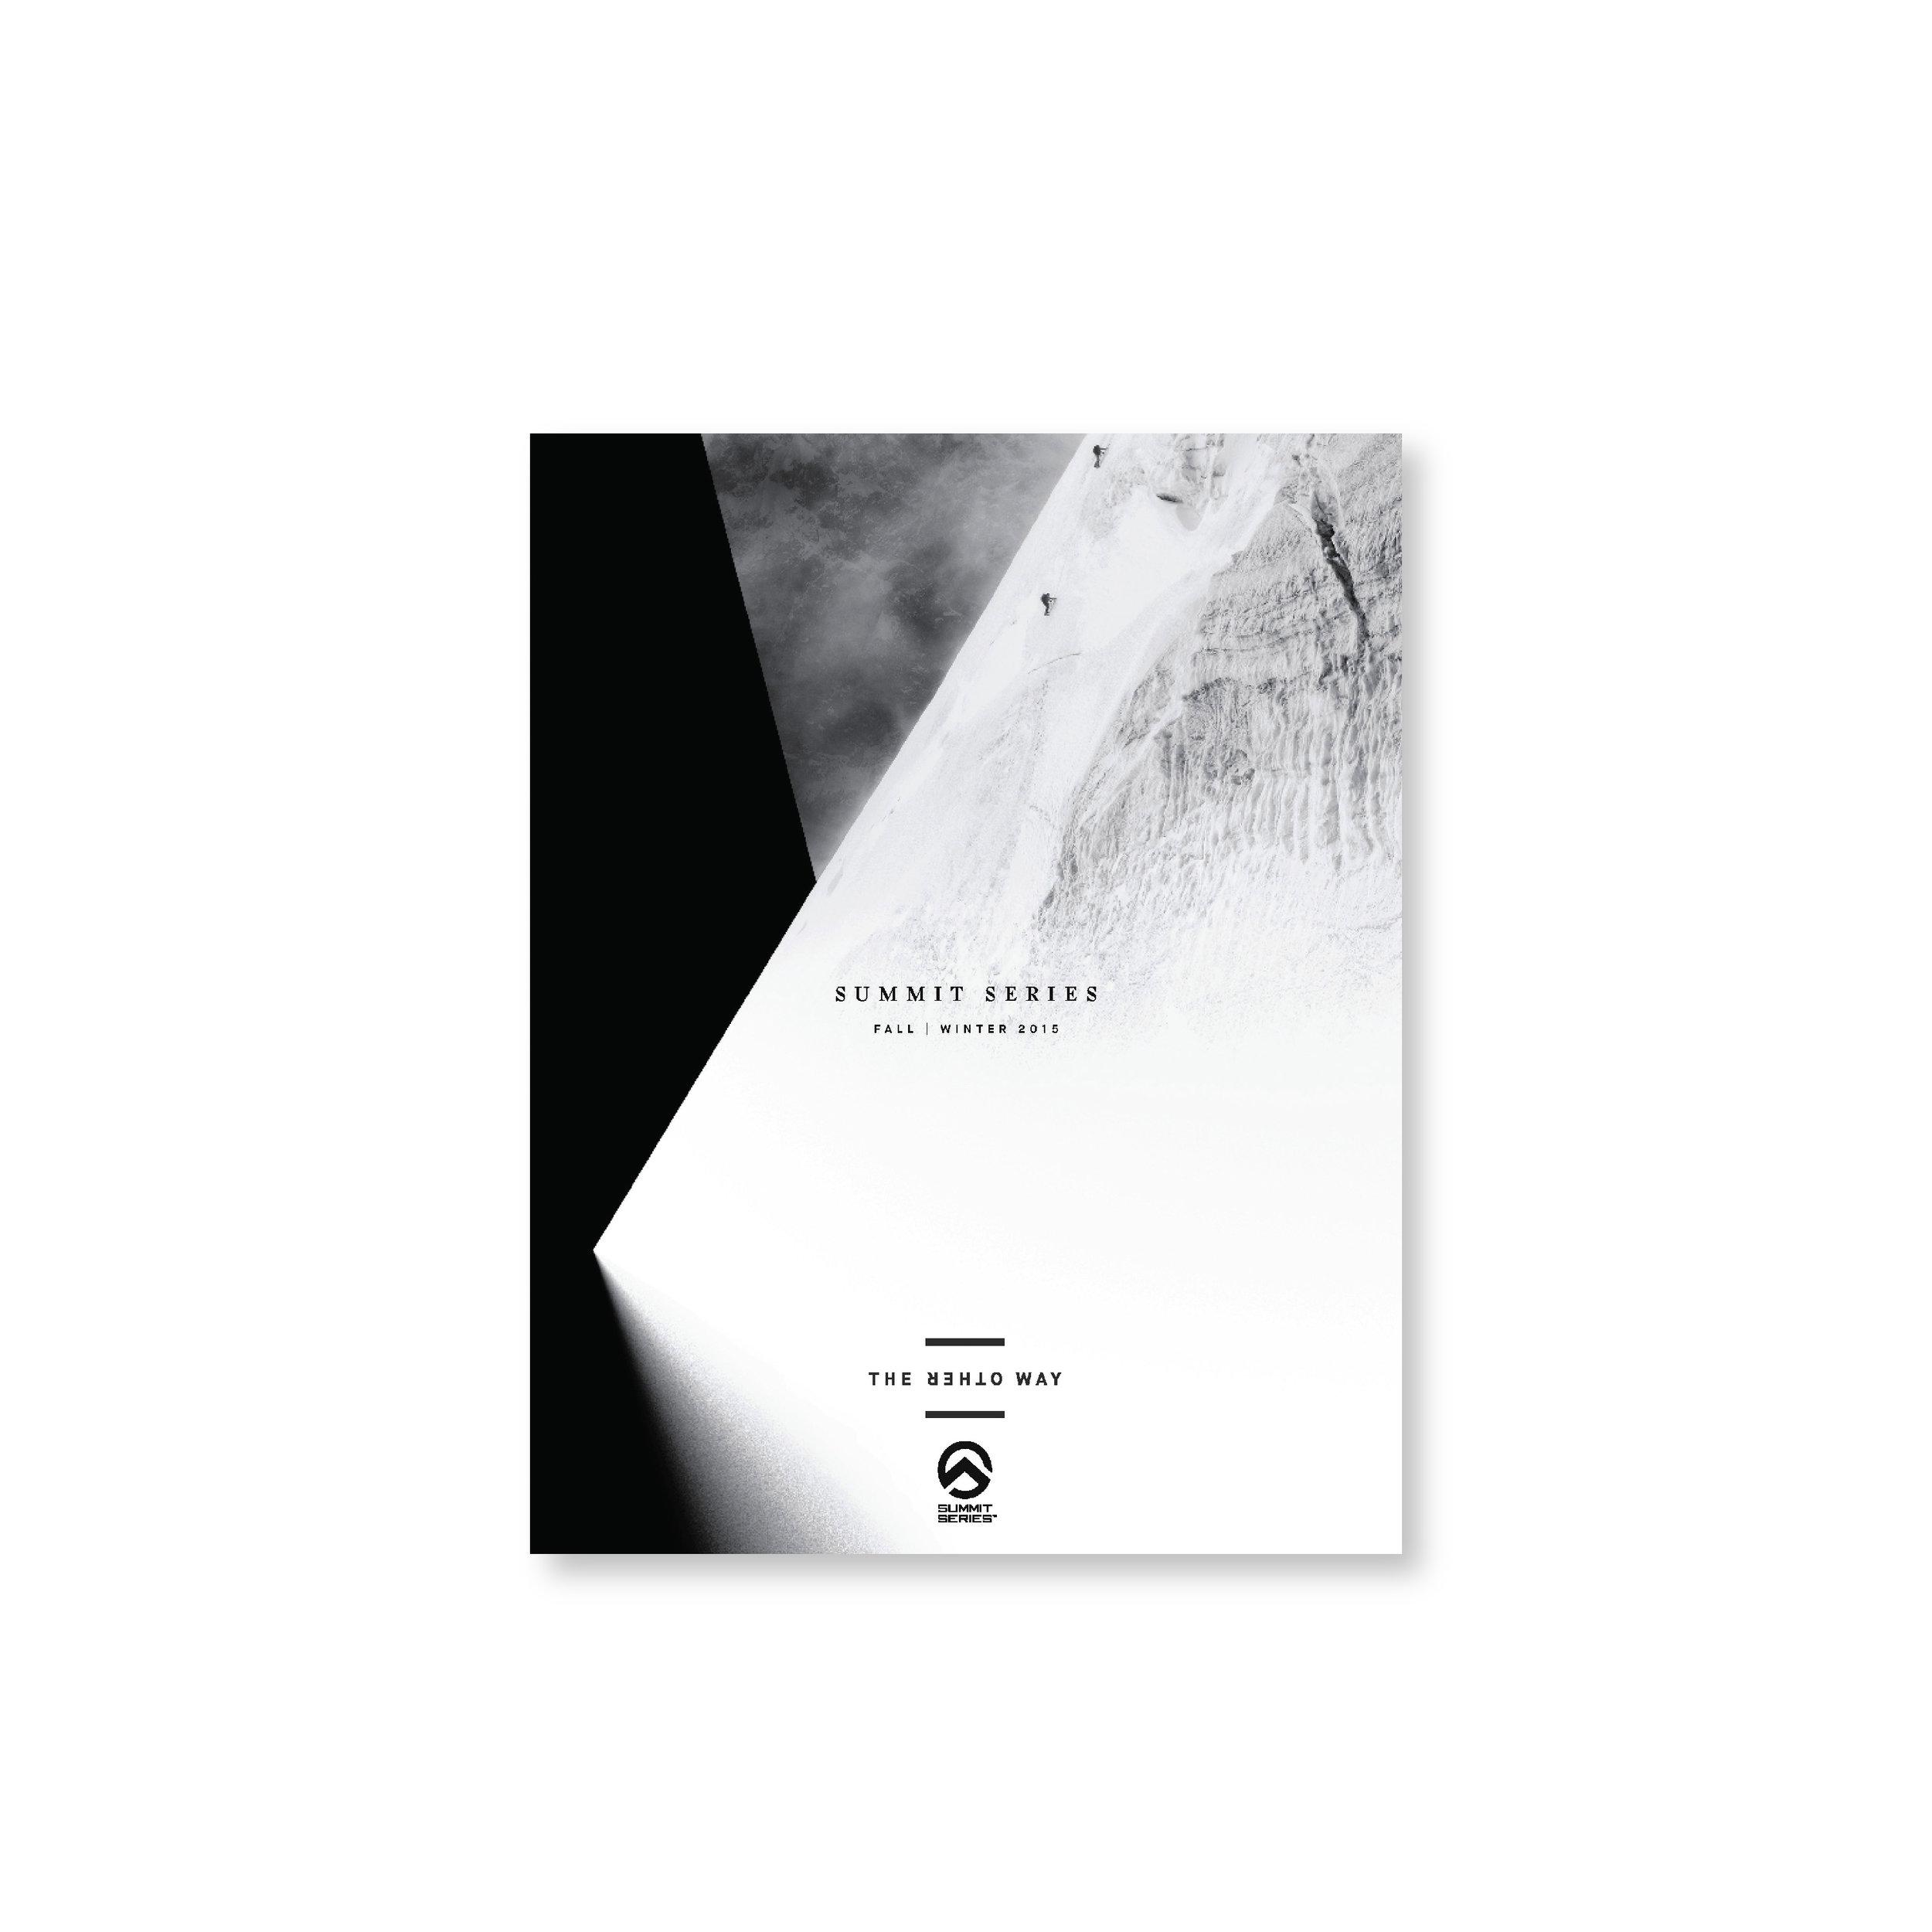 15-TNF-1466 F15 Summit Series Lookbook-7x9-082715-v01s-01.jpg